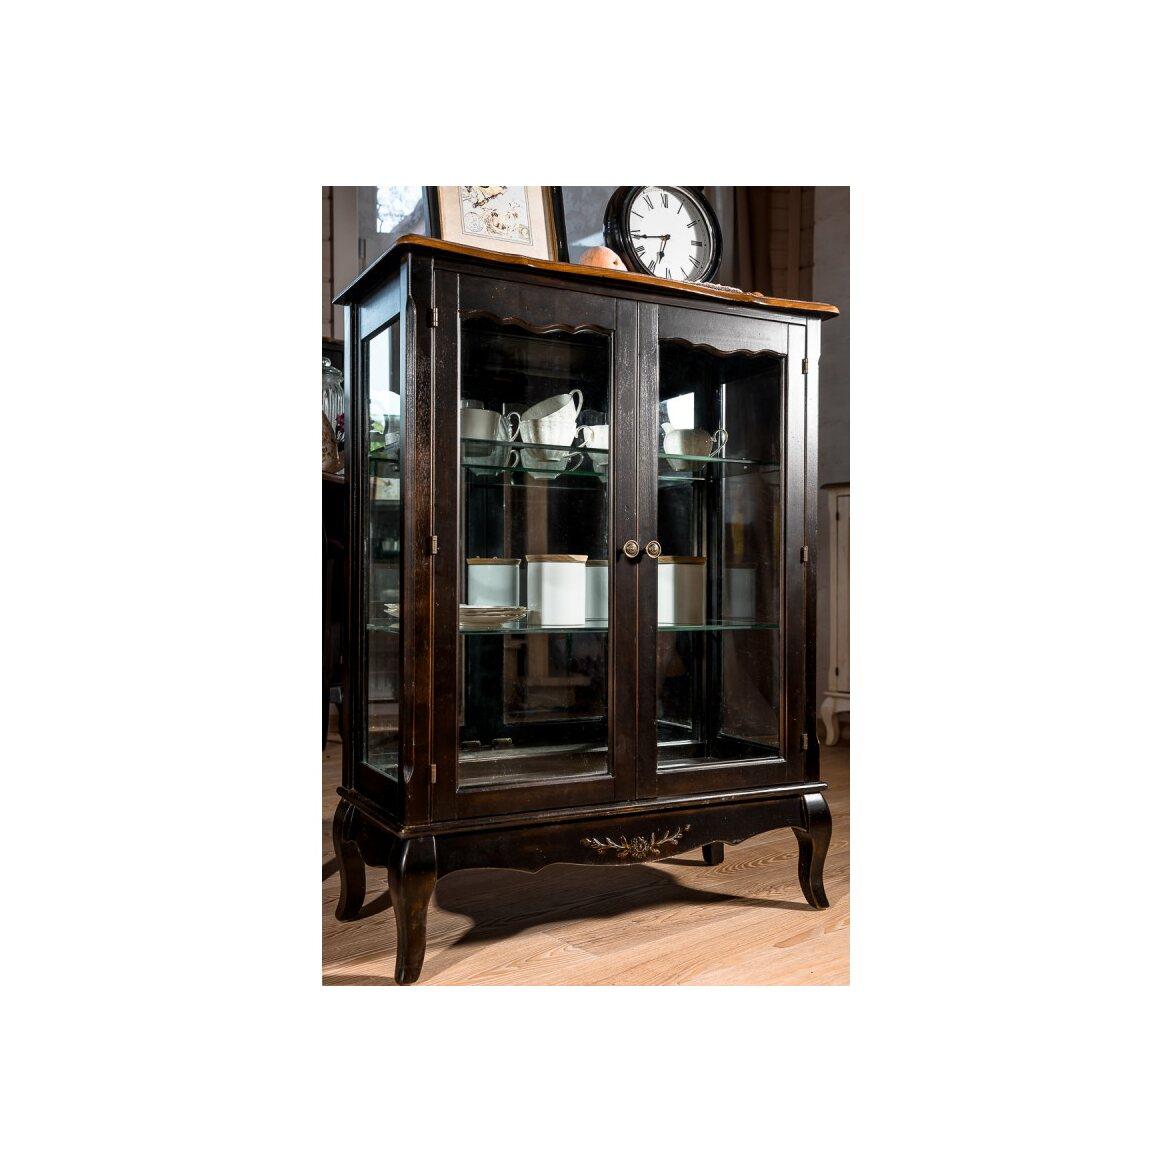 Стеклянная витрина (двойная) Leontina, черного цвета 5 | Витрины Kingsby